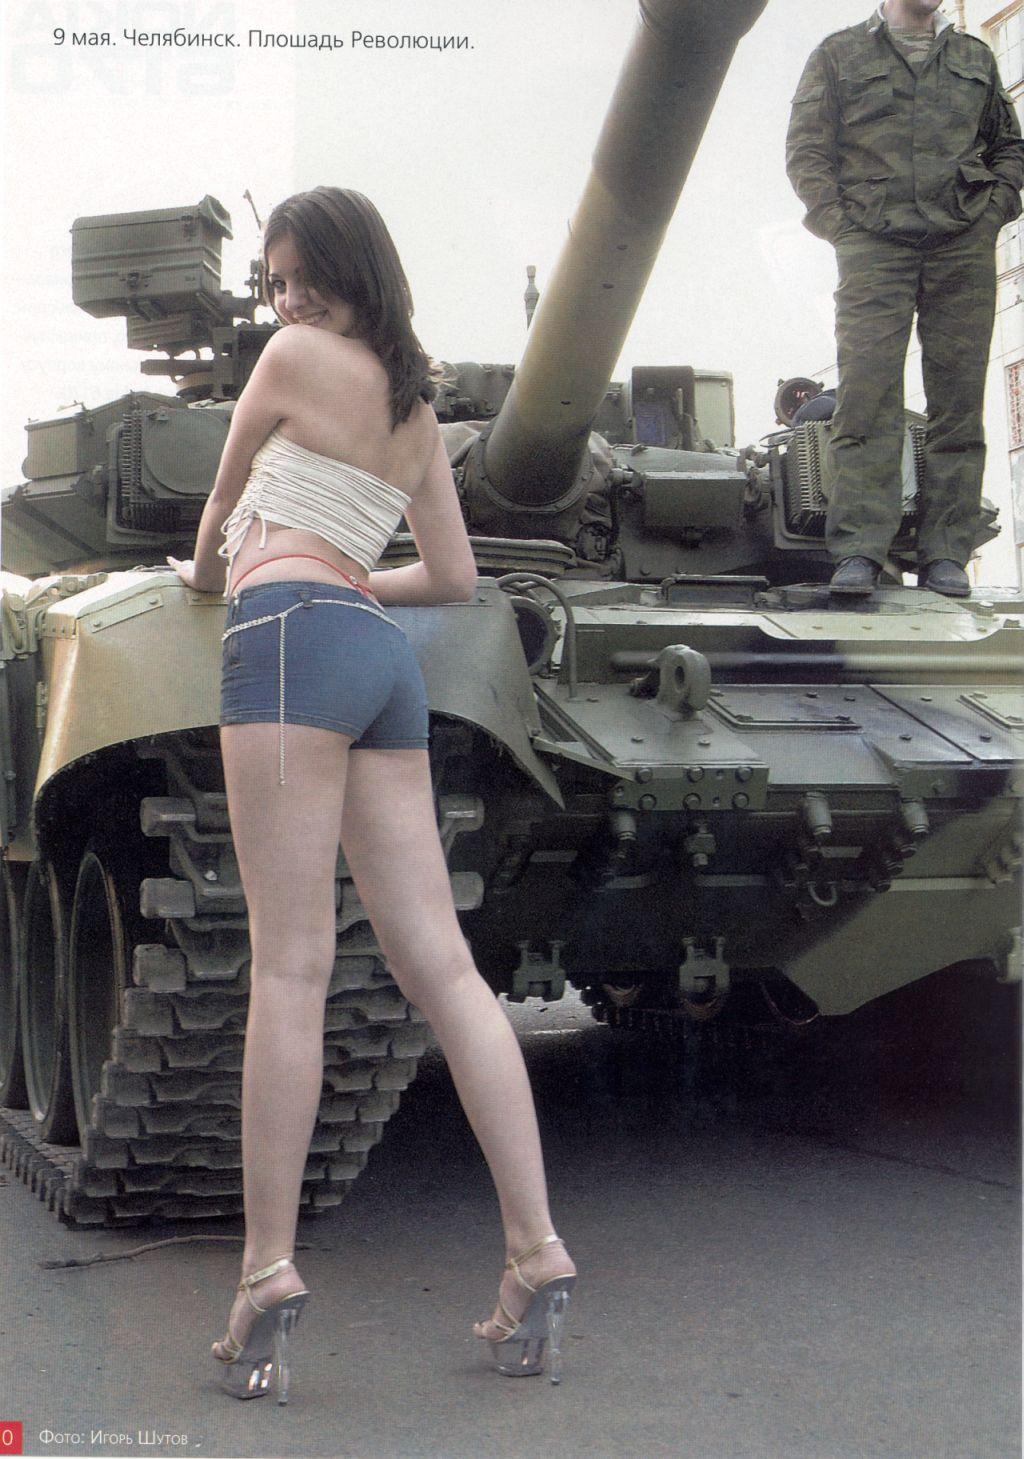 Русский секс мама и сын трахаются. Онлайн видео русский